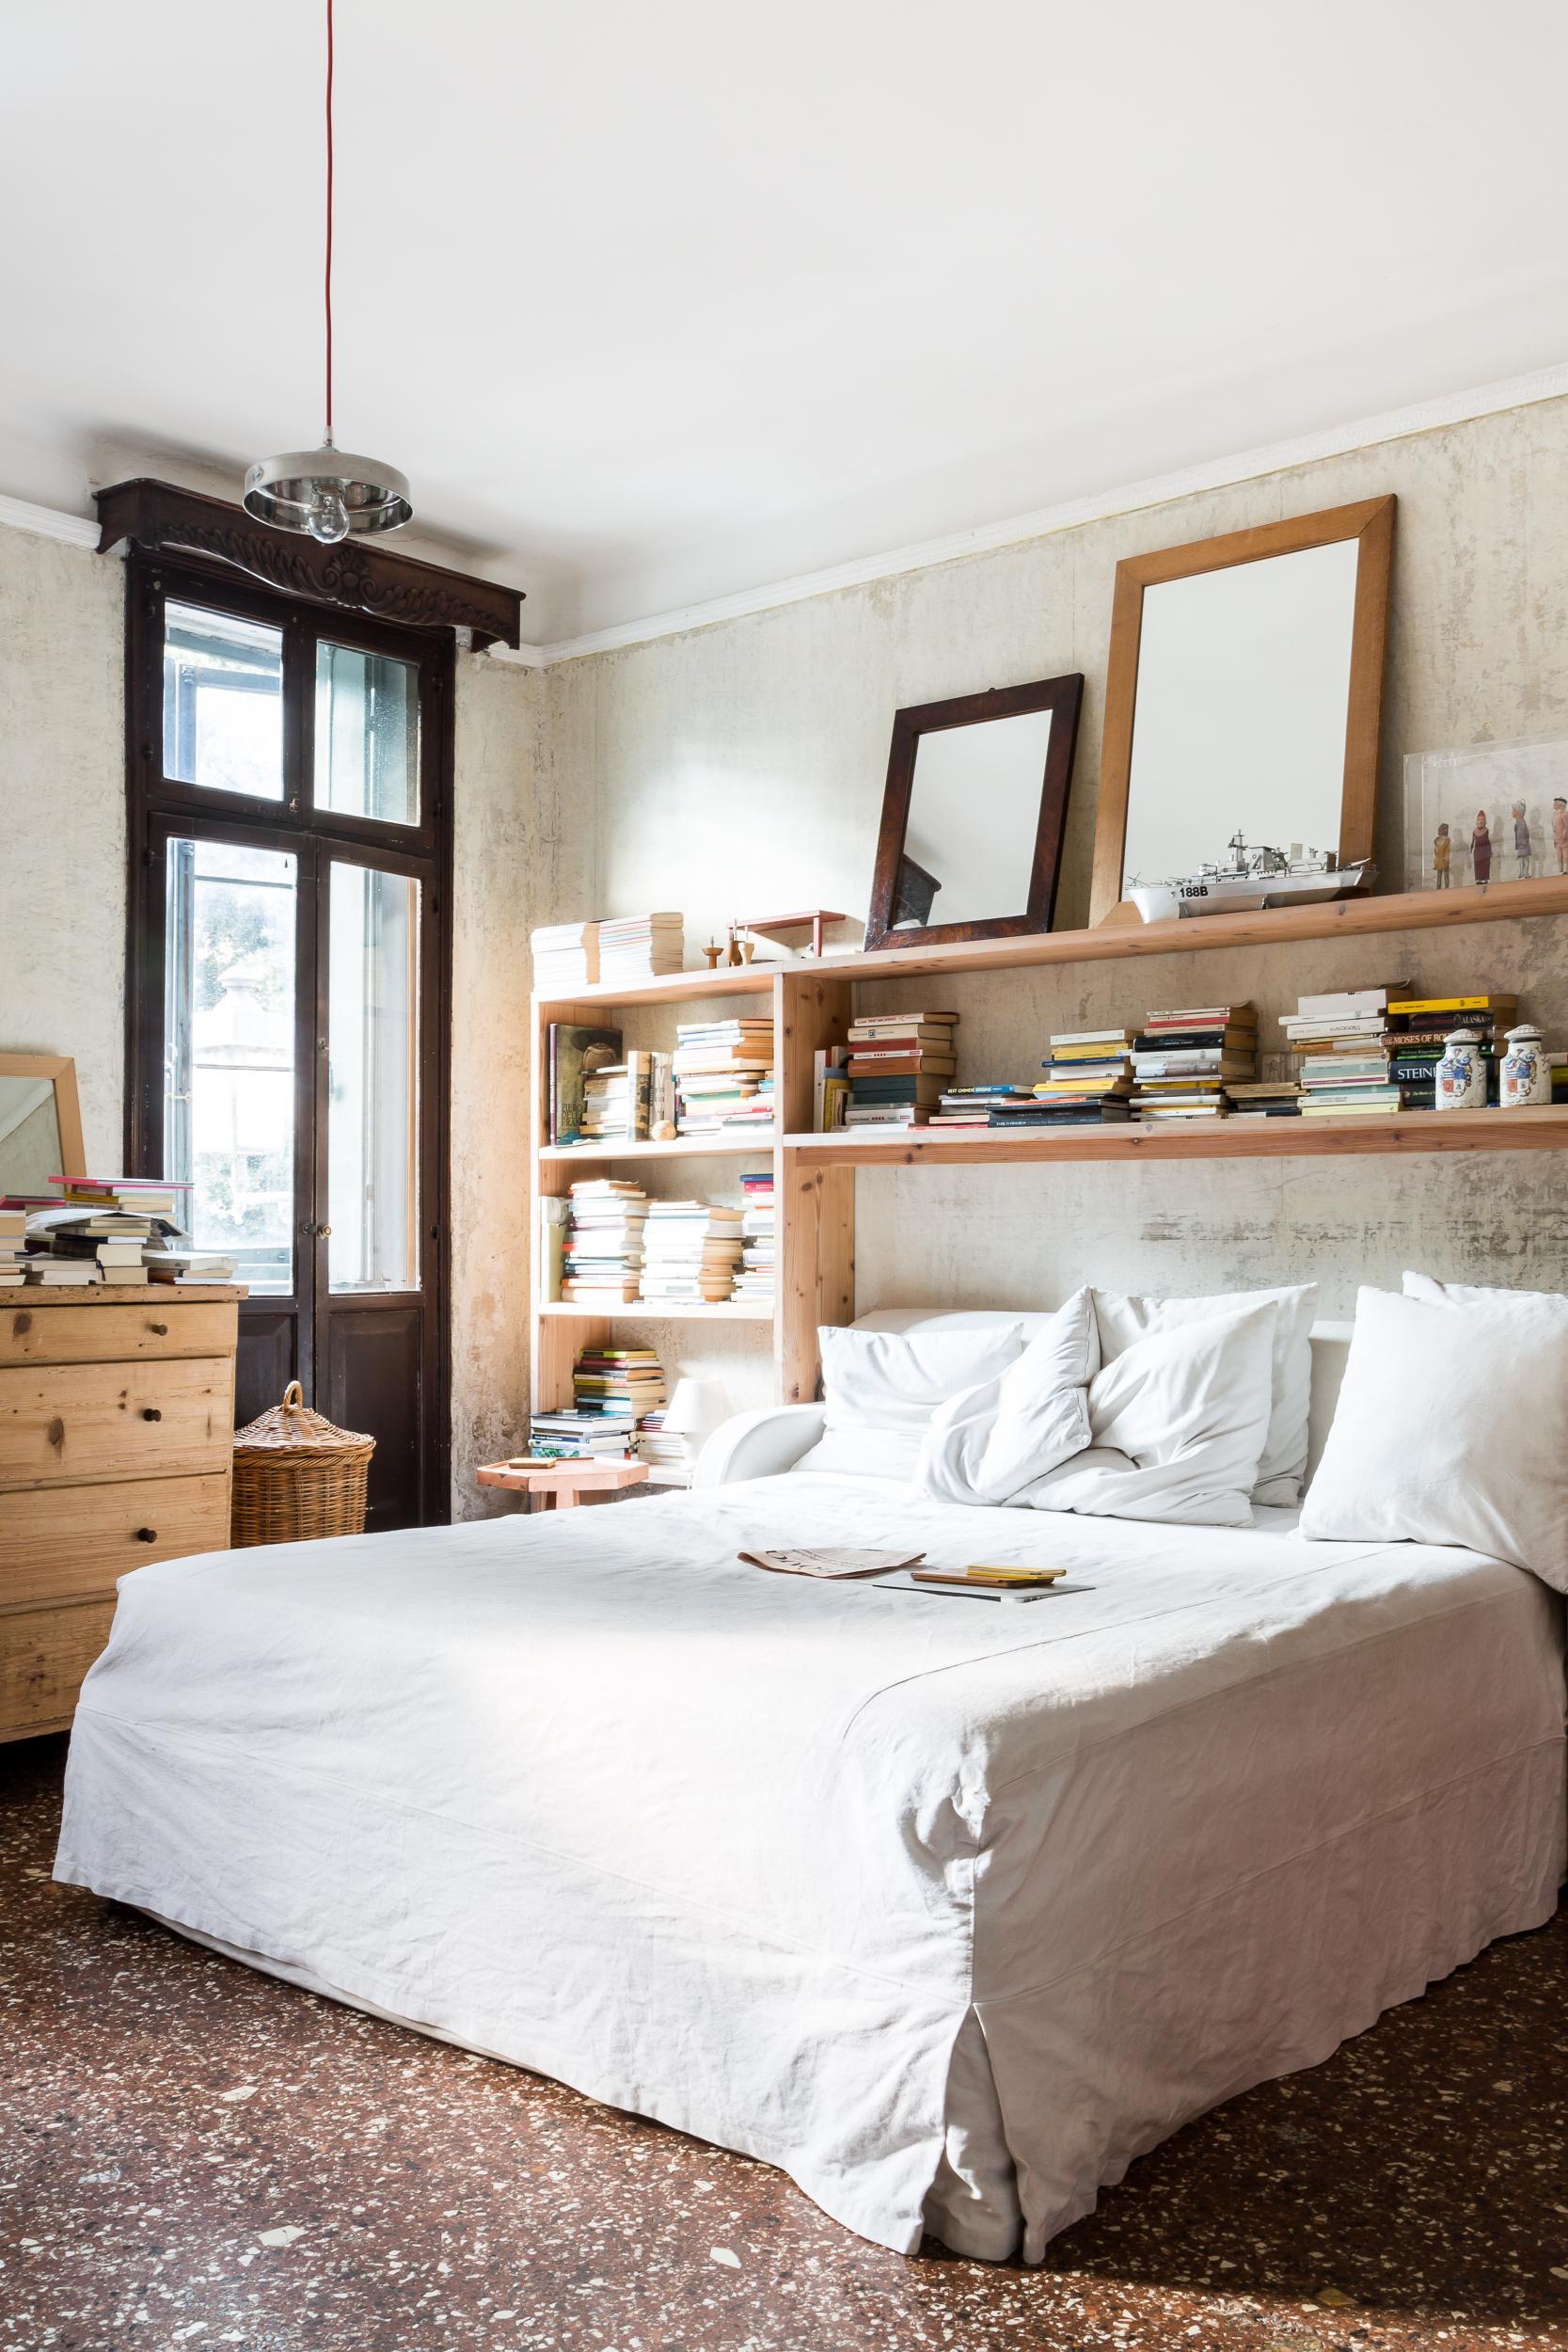 La camera da letto è un luogo di relax particolarmente stimolante per la creatività dell'architetto.